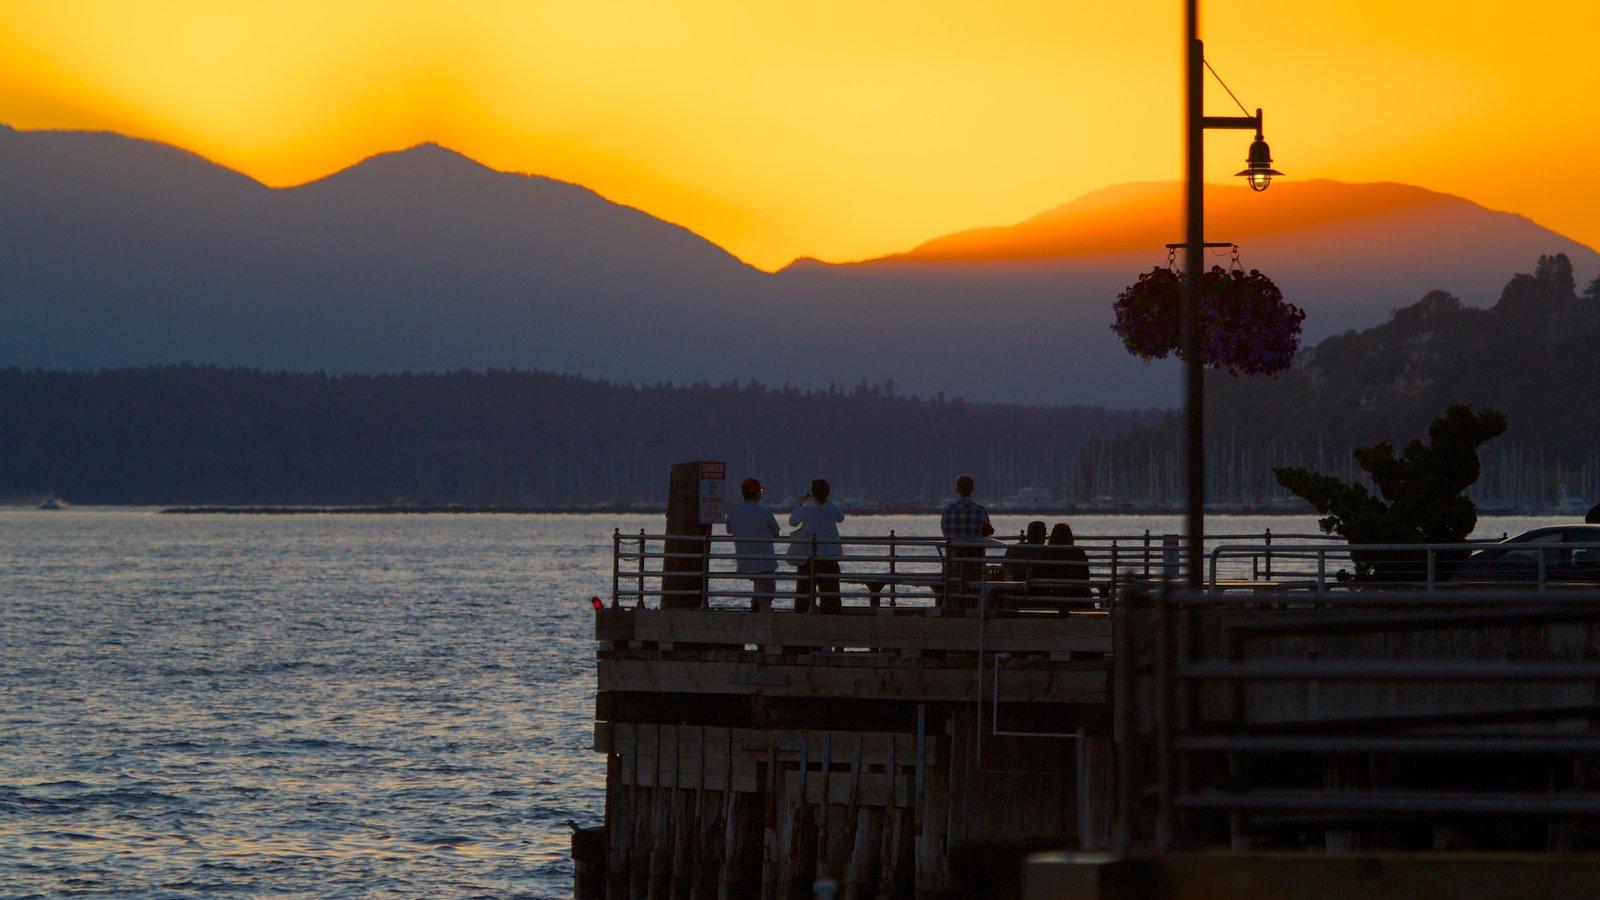 Seattle que inclui montanhas, paisagens litorâneas e um pôr do sol